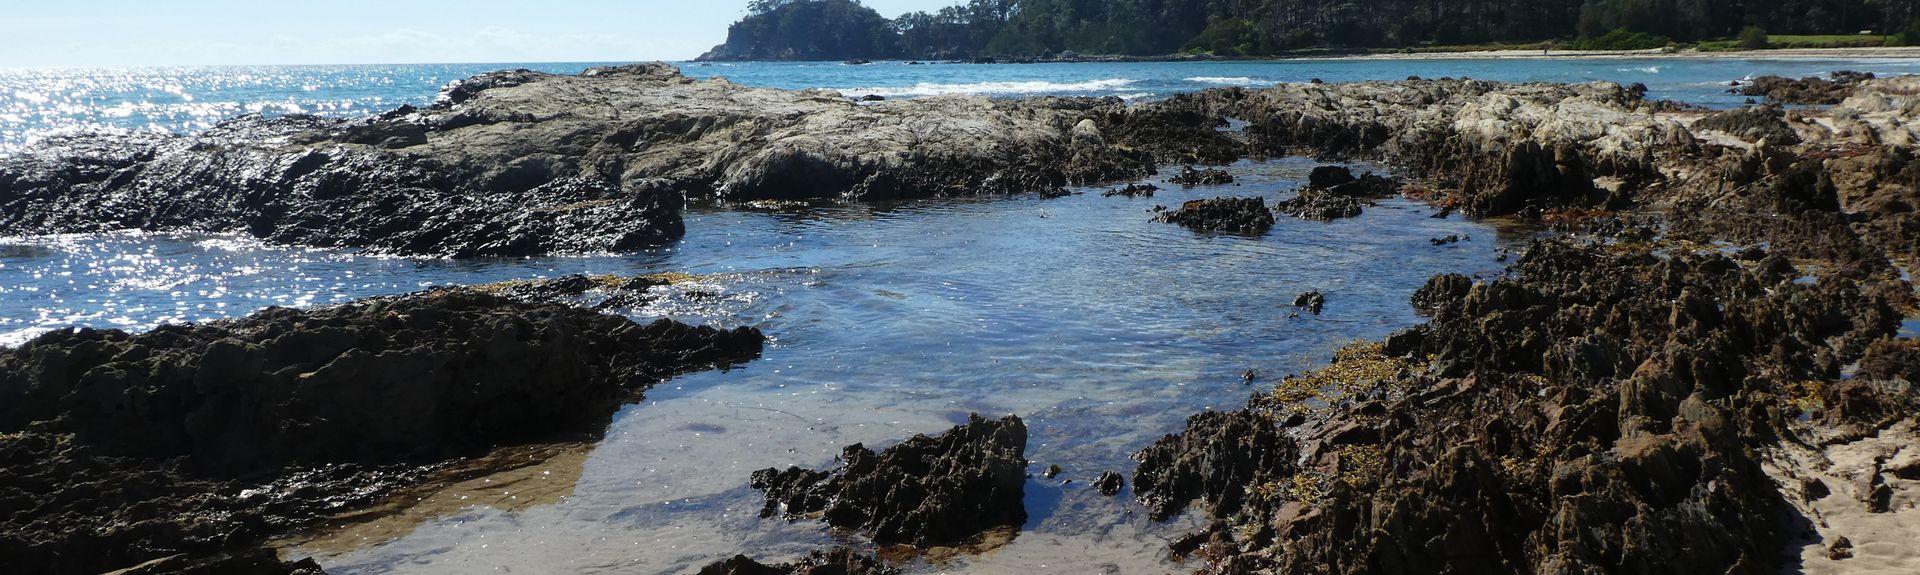 Maloneys Beach, Nouvelle-Galles-du-Sud, Australie